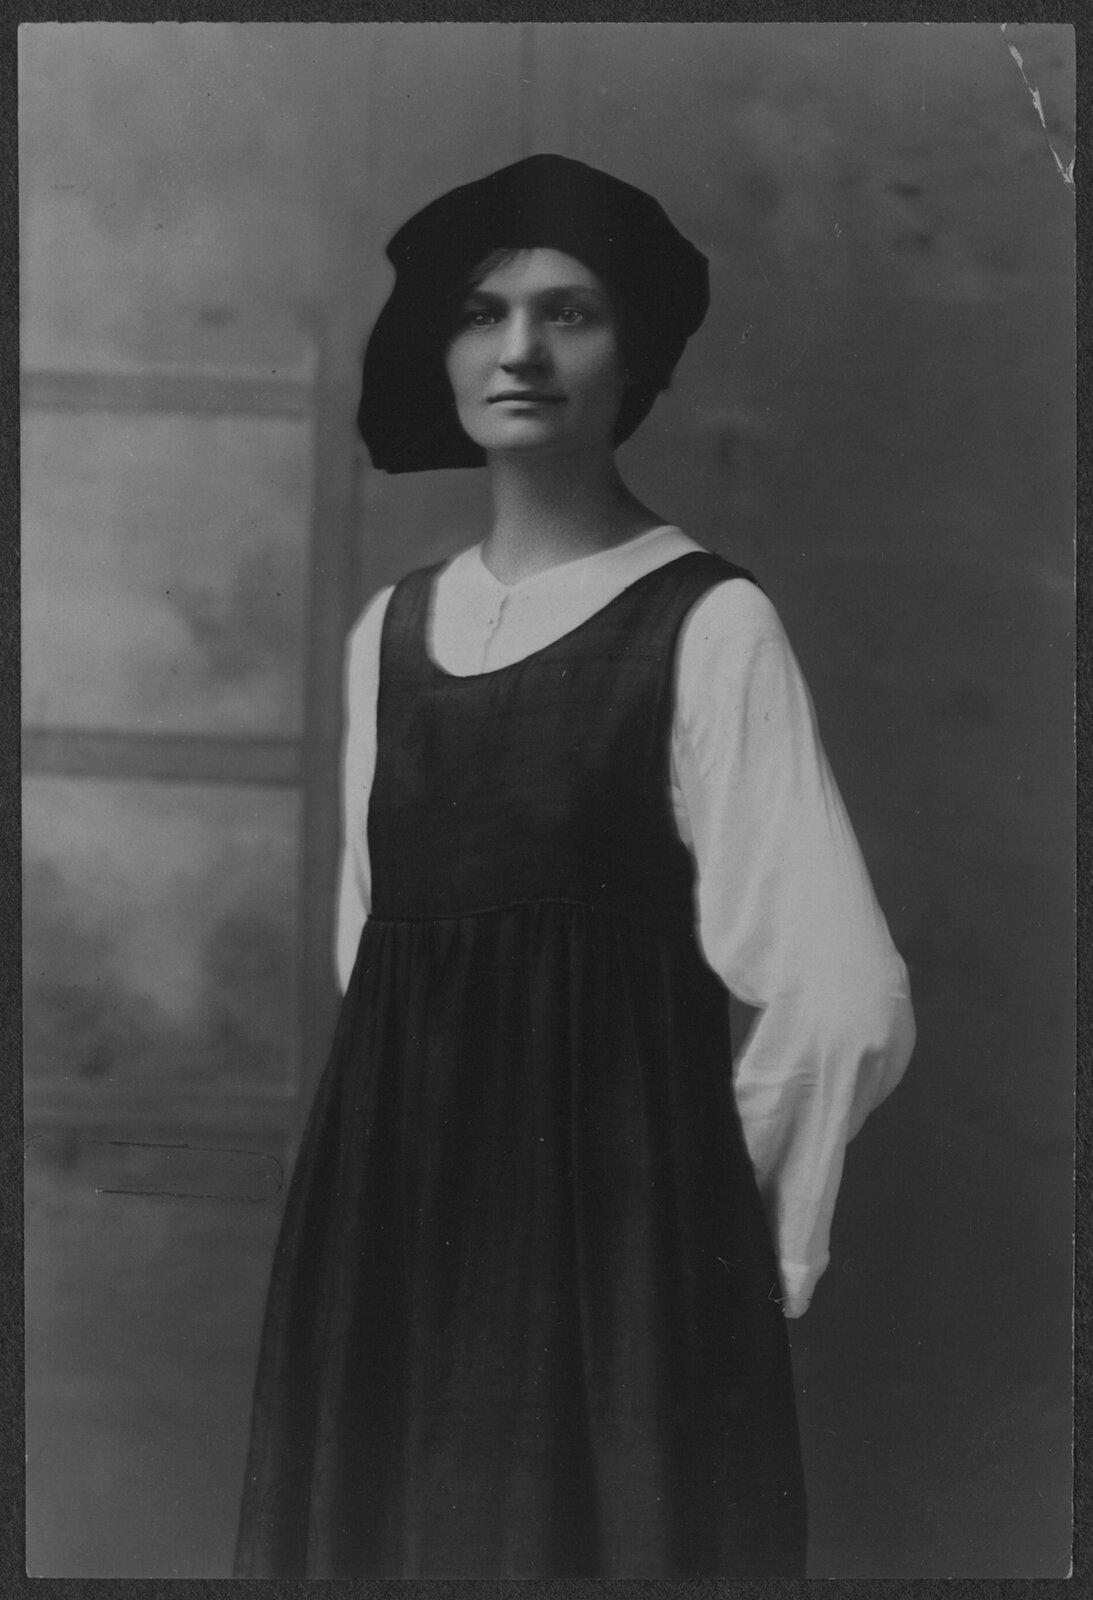 Rose Winslow Rose Winslow, córka polskiego górnika zPensylwanii; od 11 do 19 roku życia - do czasu, gdy zachorowała na gruźlicę - pracowała wprzędzalni; działaczka kobiecych związków zawodowych Źródło: Rose Winslow, 1916, fotografia, Biblioteka Kongresu USA, licencja: CC BY-SA 3.0.